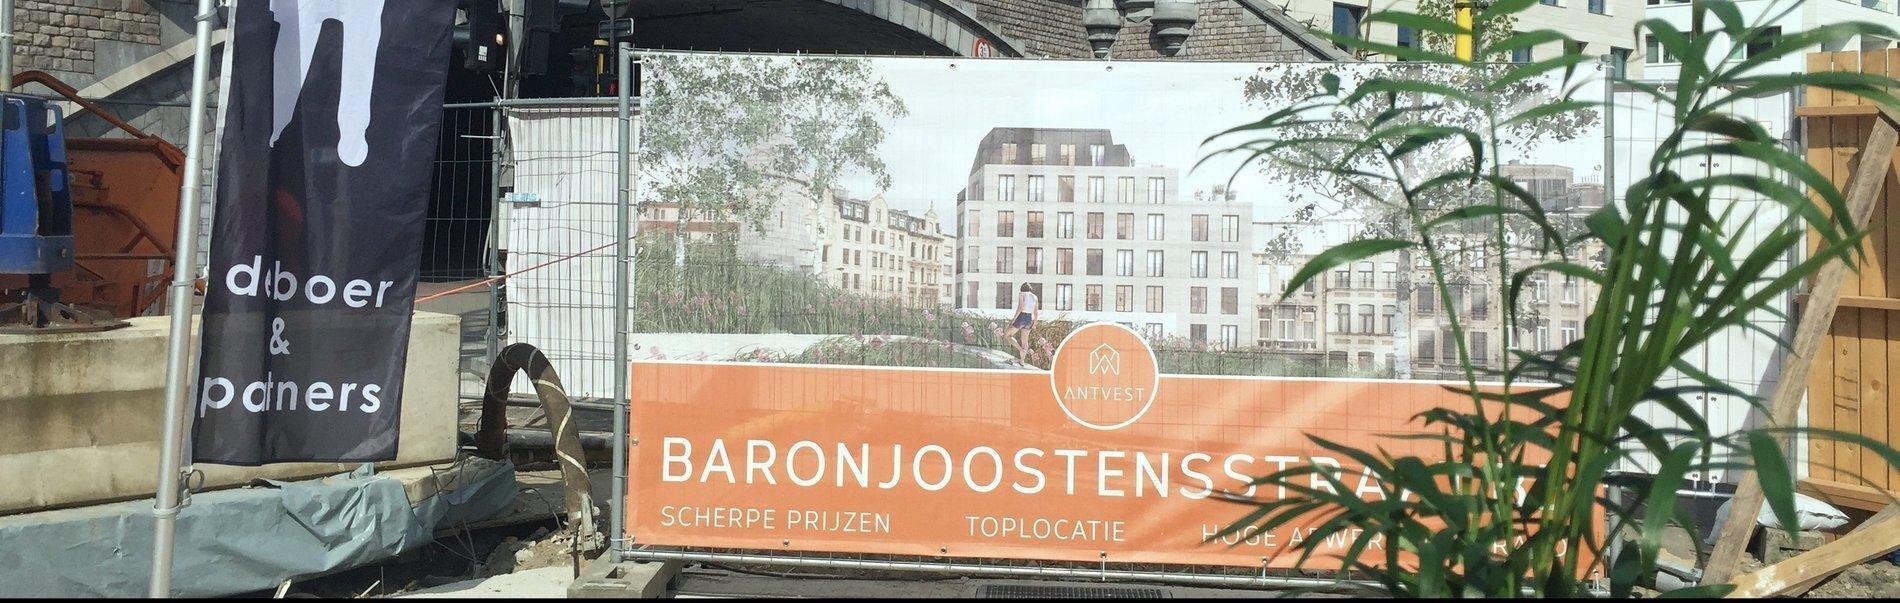 EERSTE STEENLEGGING BARON JOOSTENS